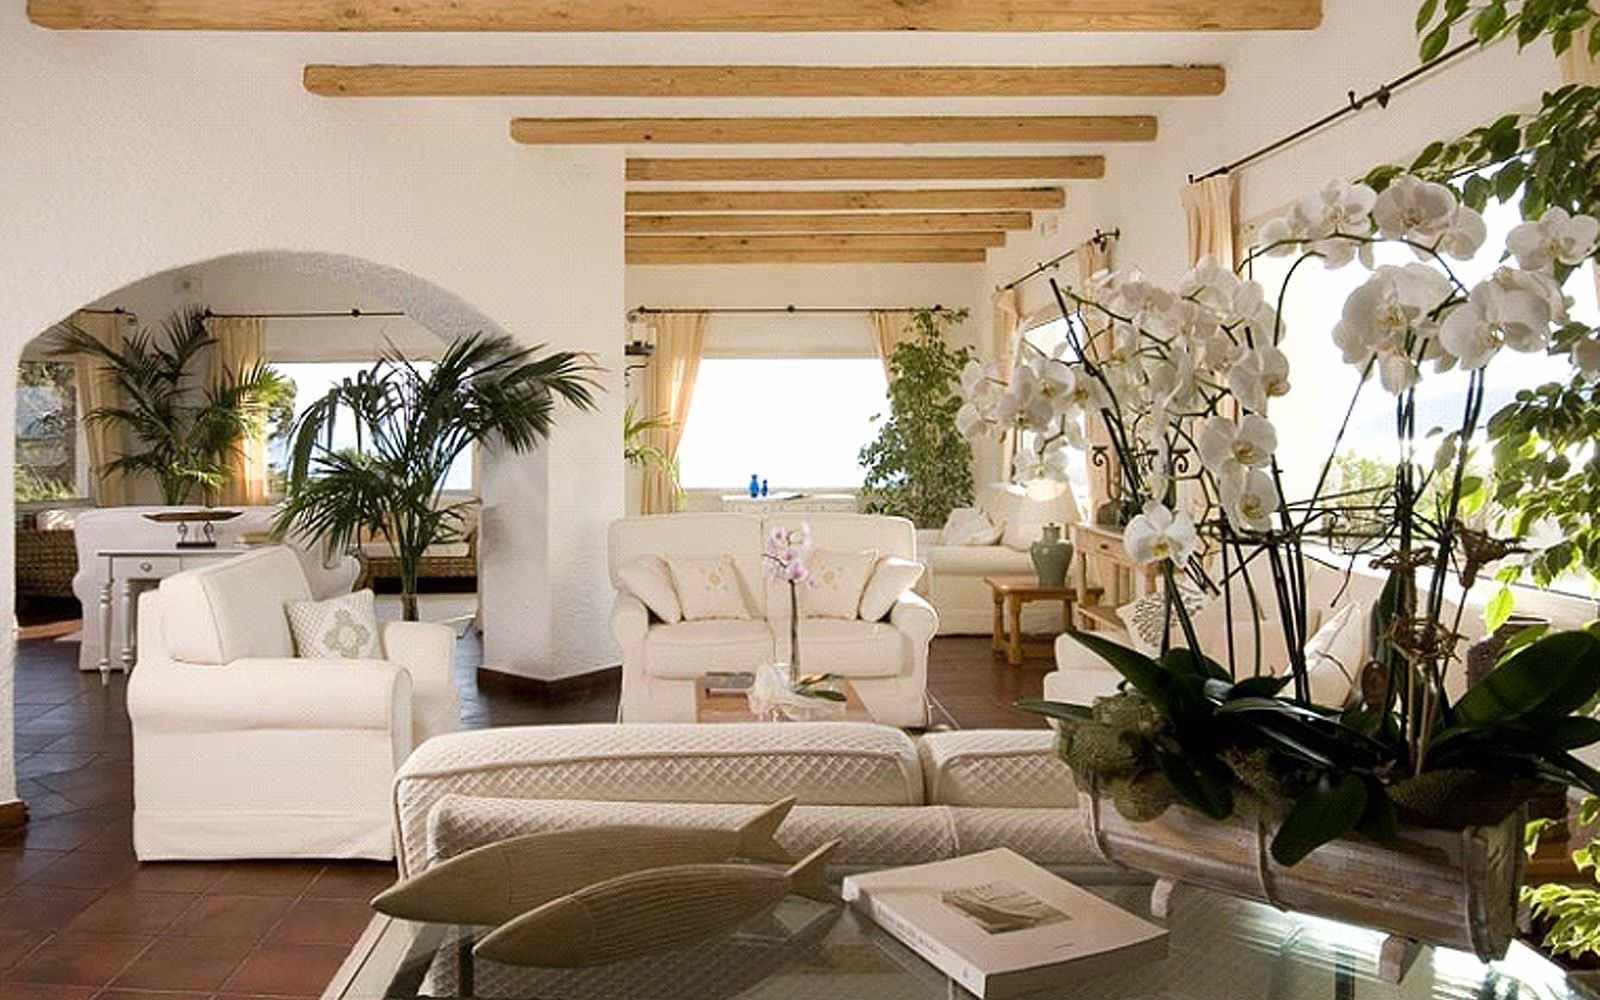 Lounge area at the Colonna Grand Hotel Capo Testa